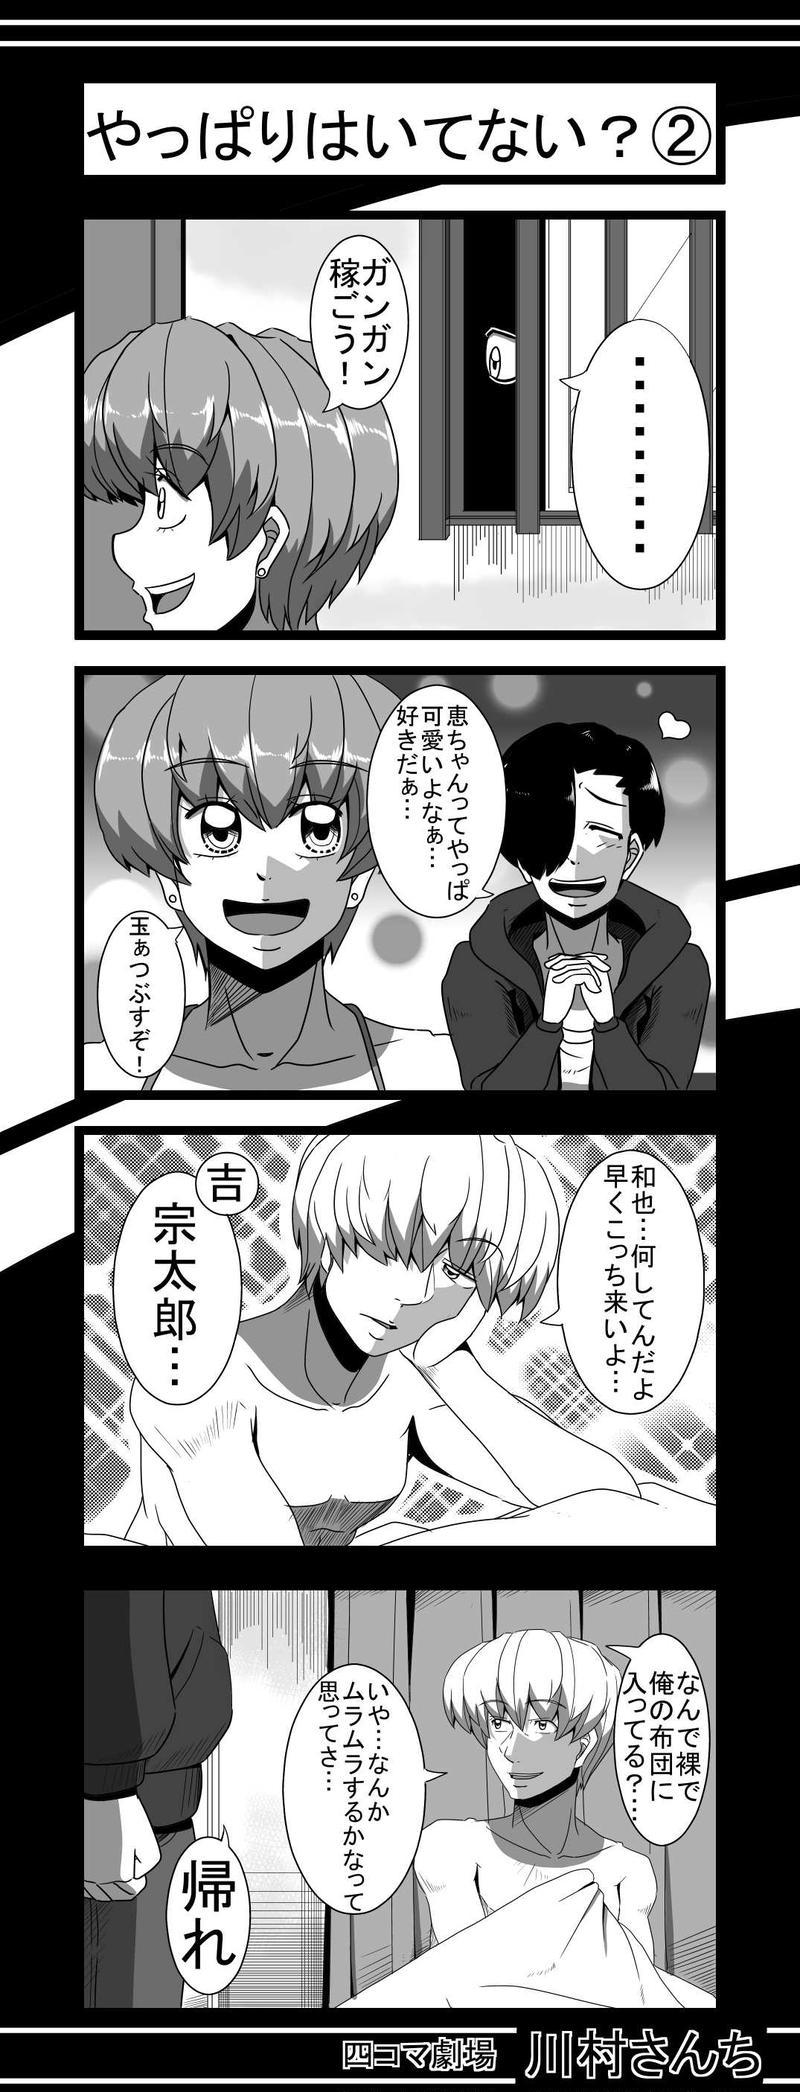 川村さんち 15話